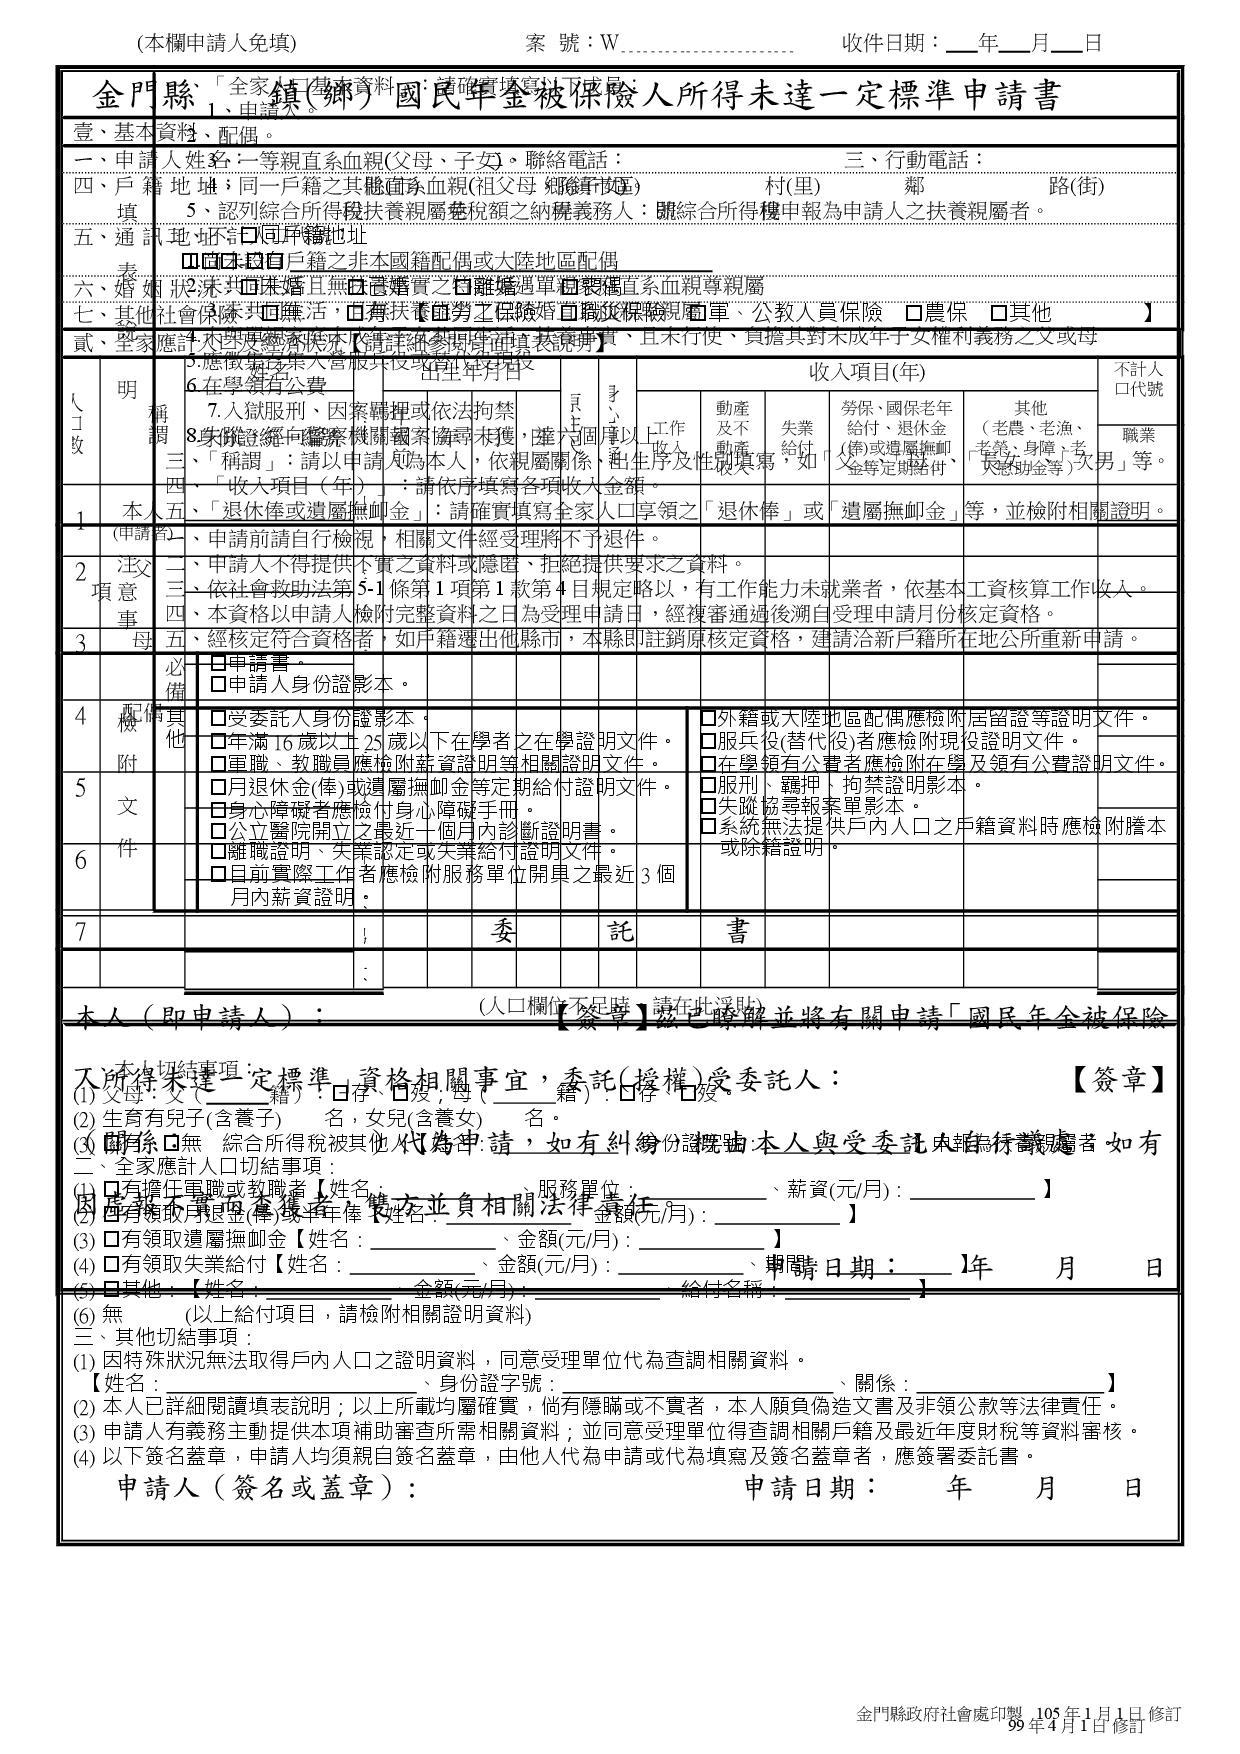 國民年金-所得未達一定標準申請書105版